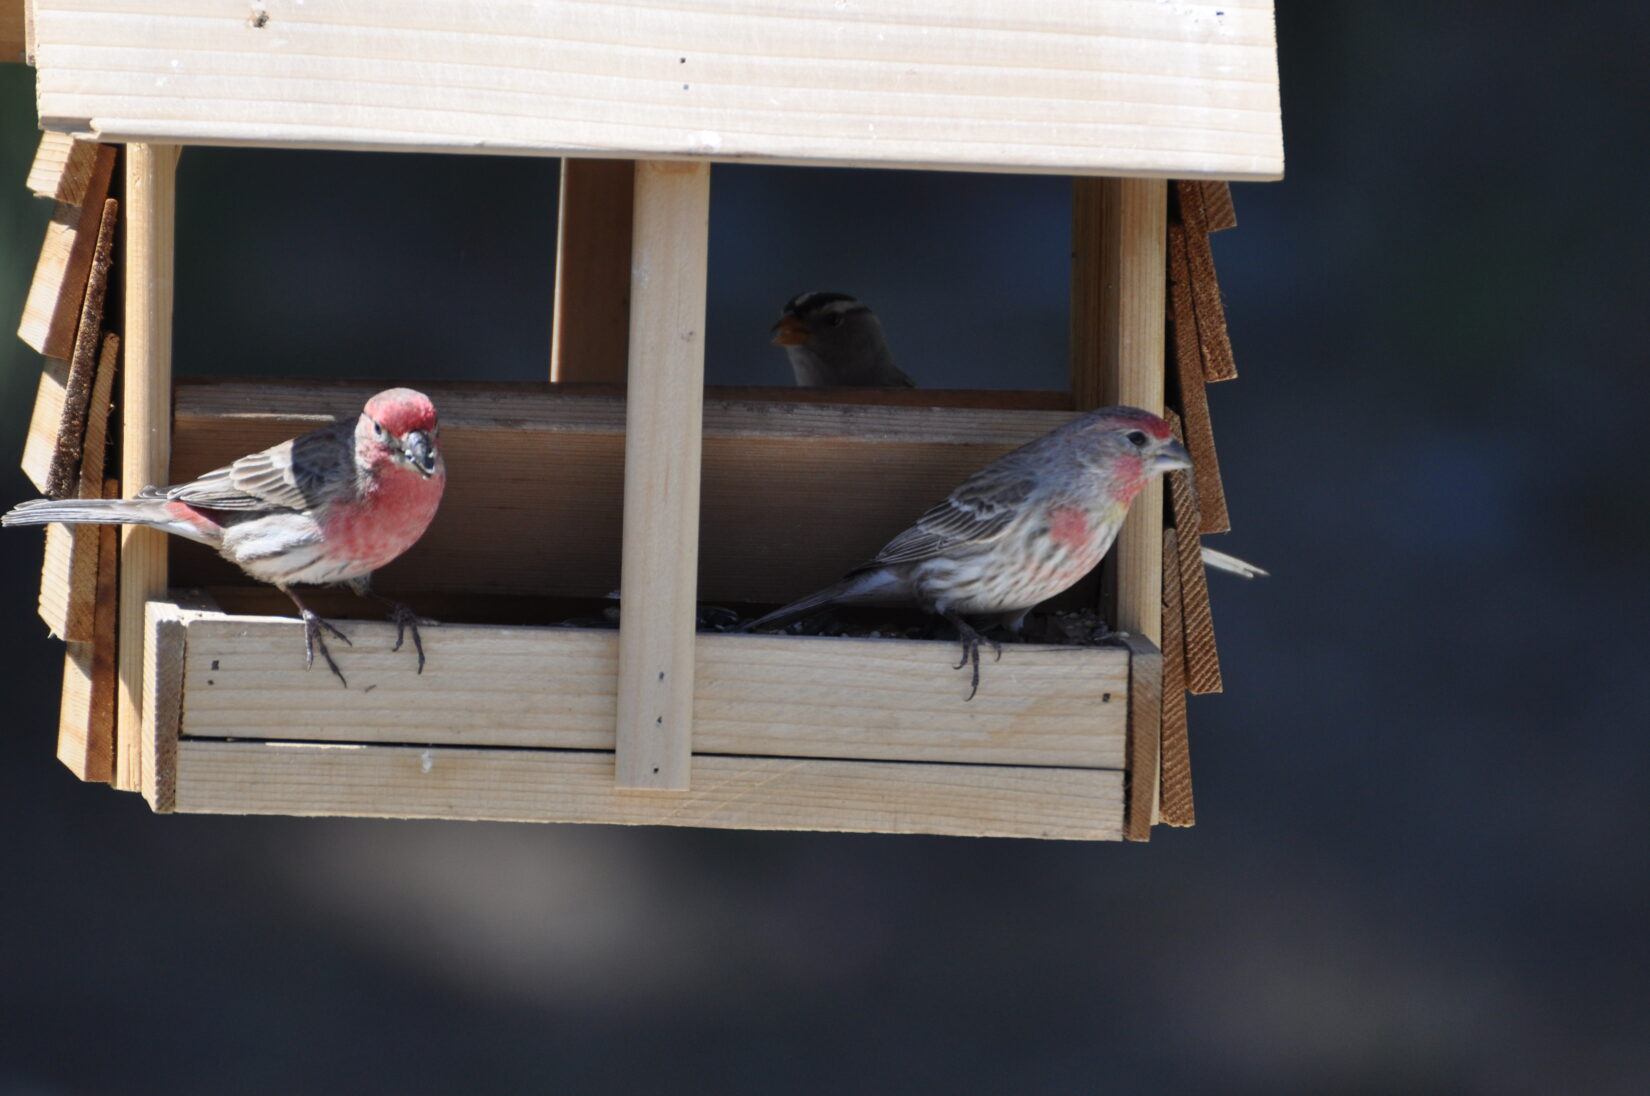 Finches on bird feeder